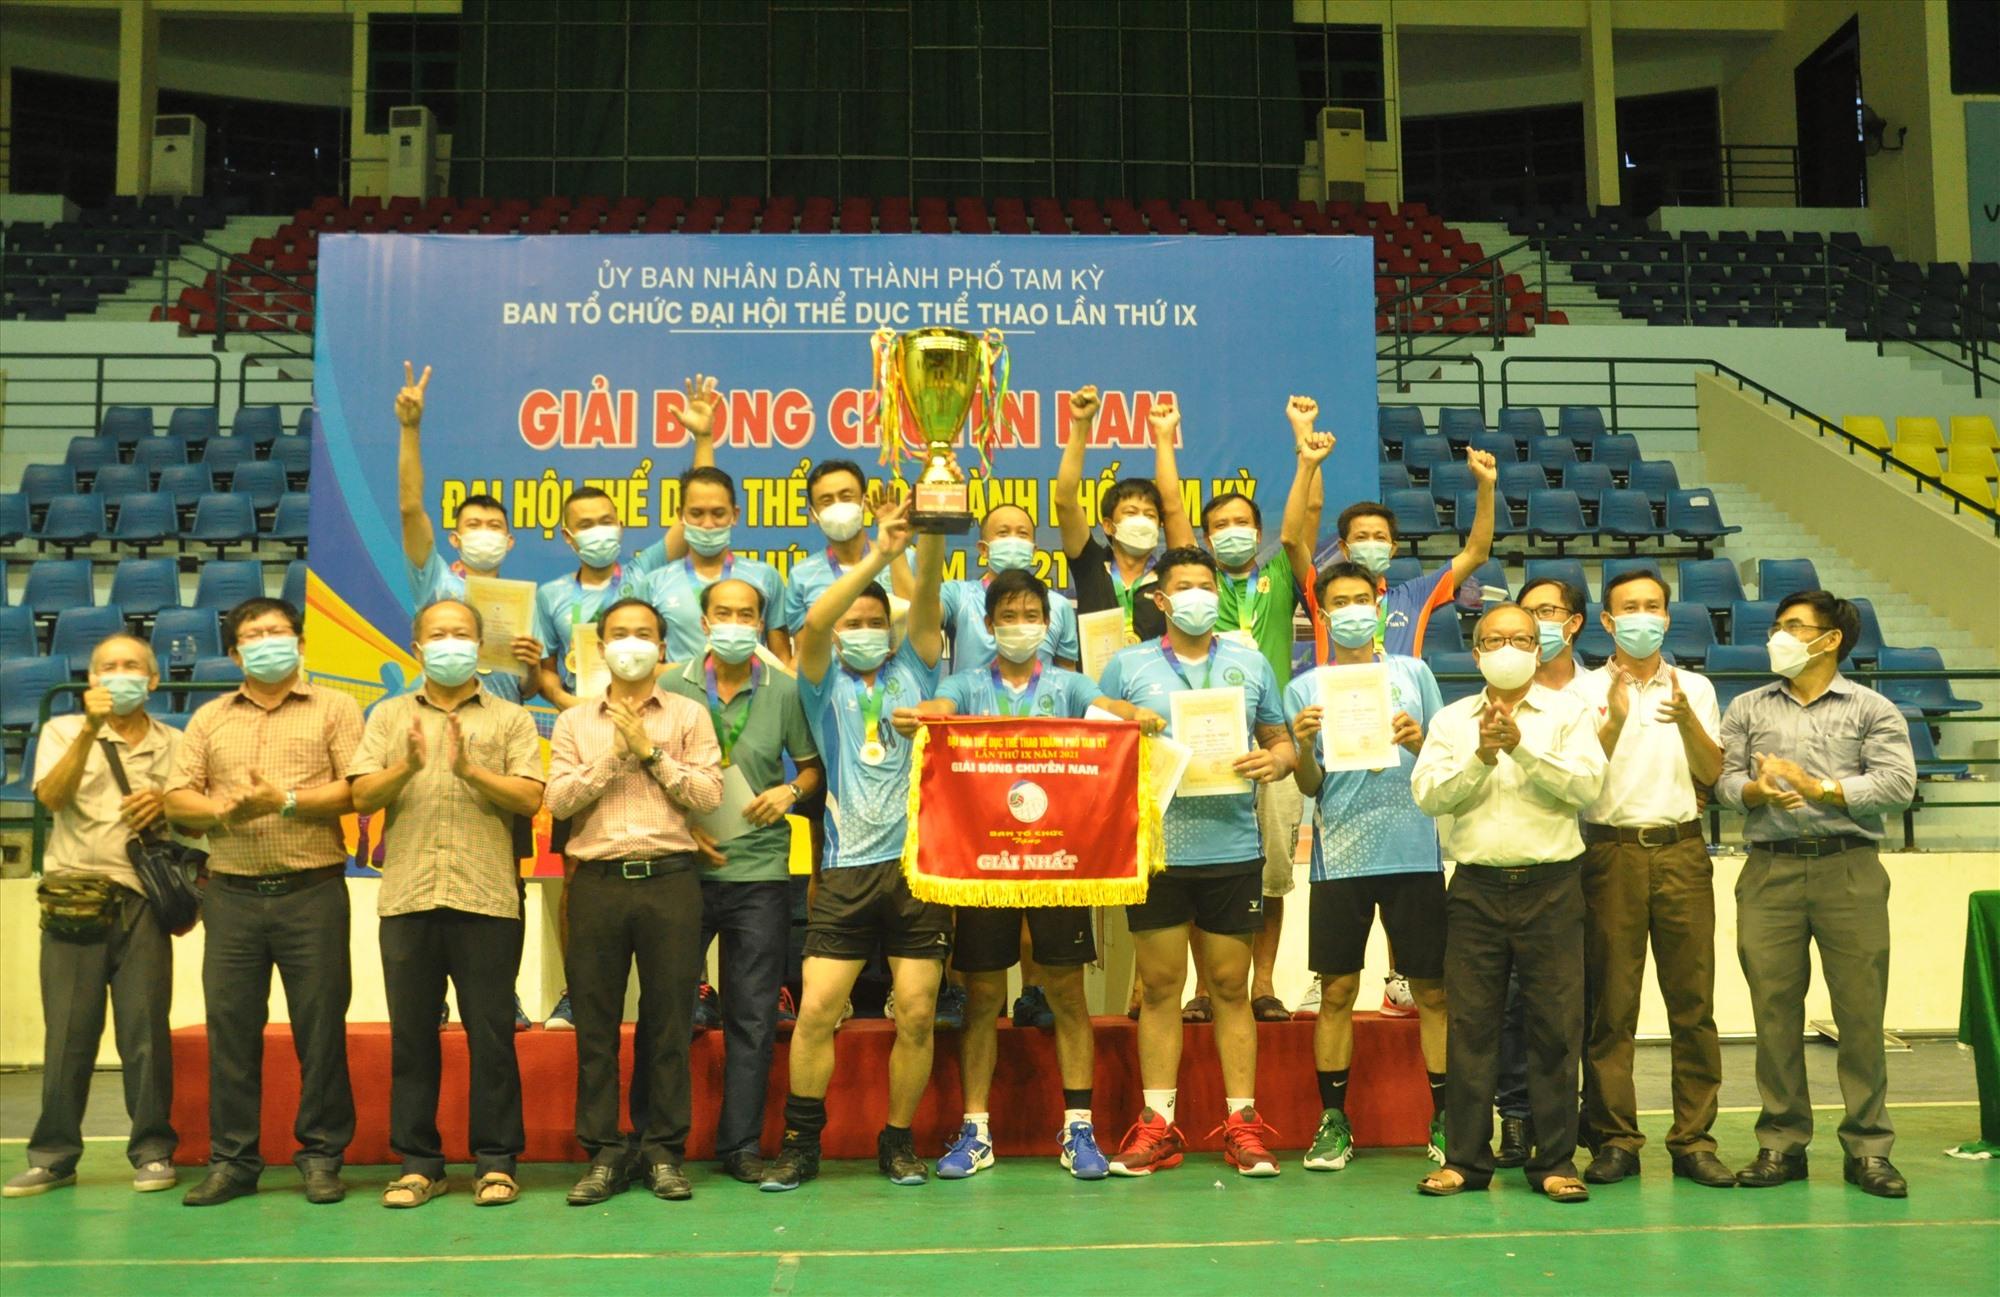 Niềm vui đoạt cúp vô địch của đội Tân Thạnh. Ảnh: T.V